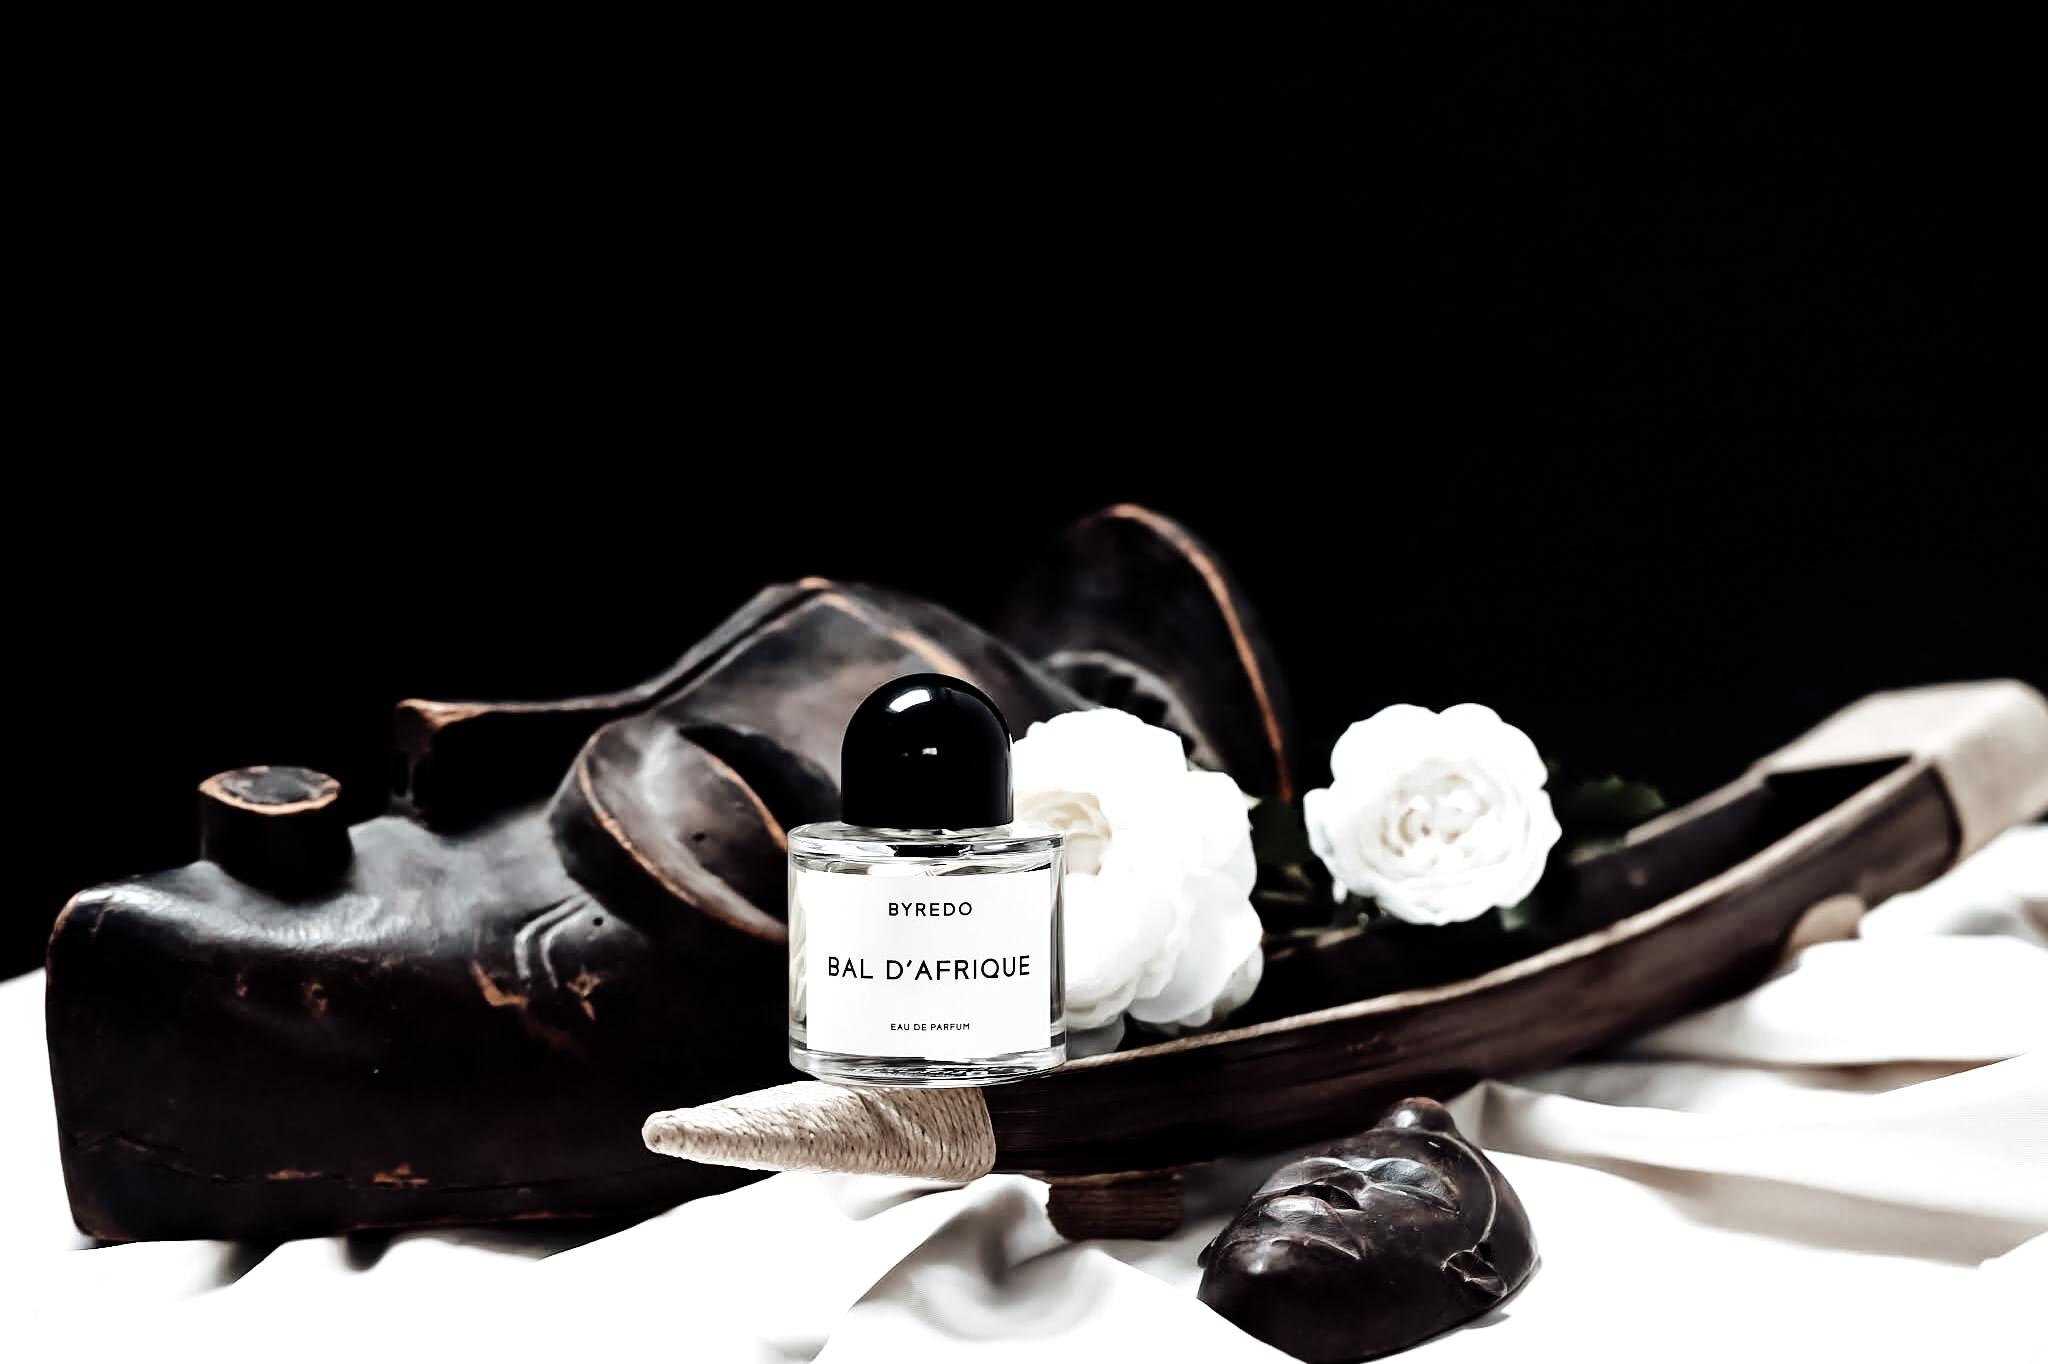 By Redo Bal d'Afrique Parfum